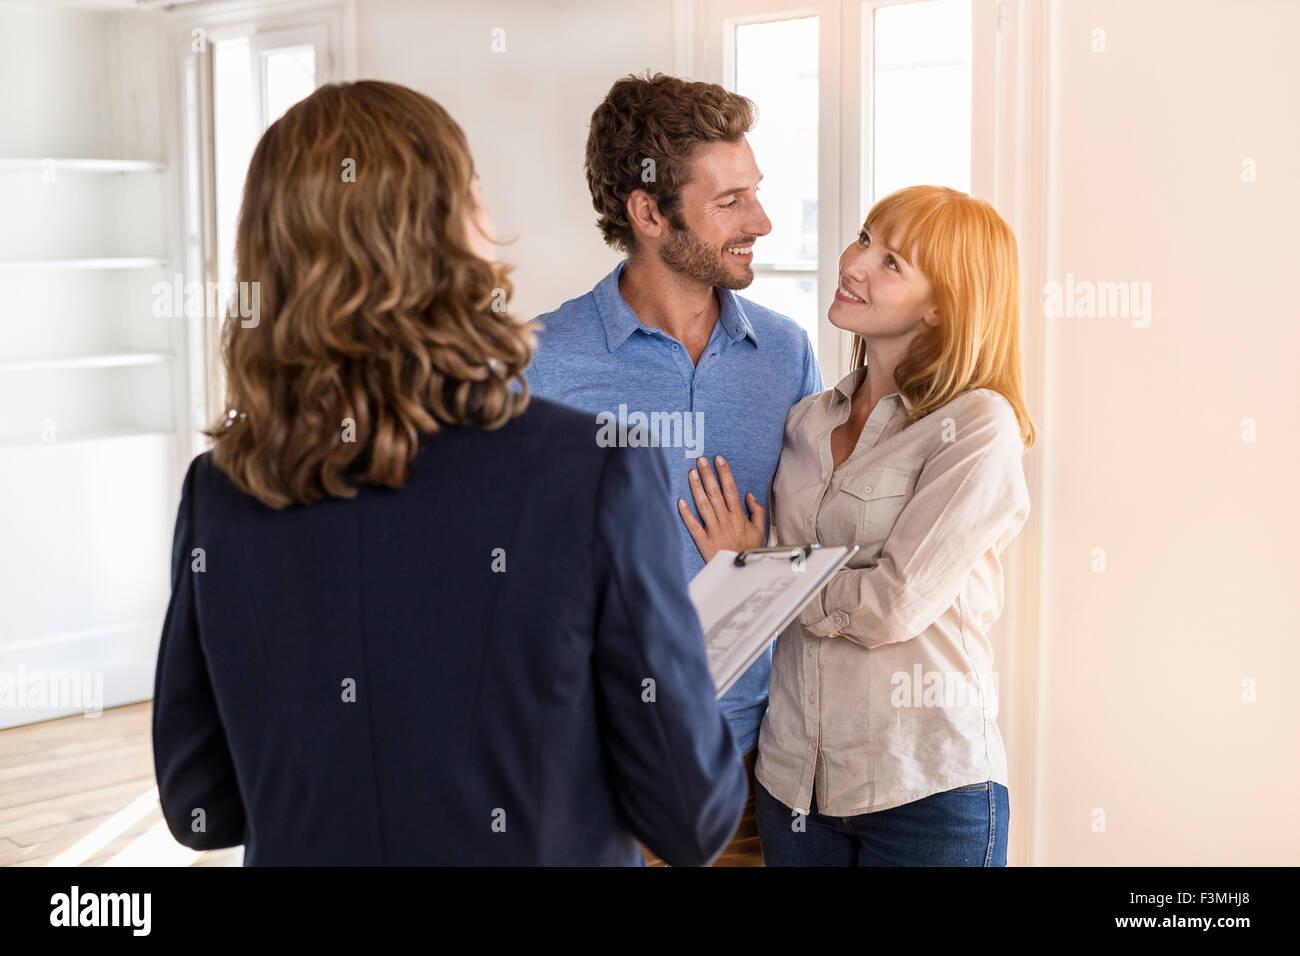 Agente inmobiliario mostrando blanco moderno apartamento para futuros propietarios par Imagen De Stock